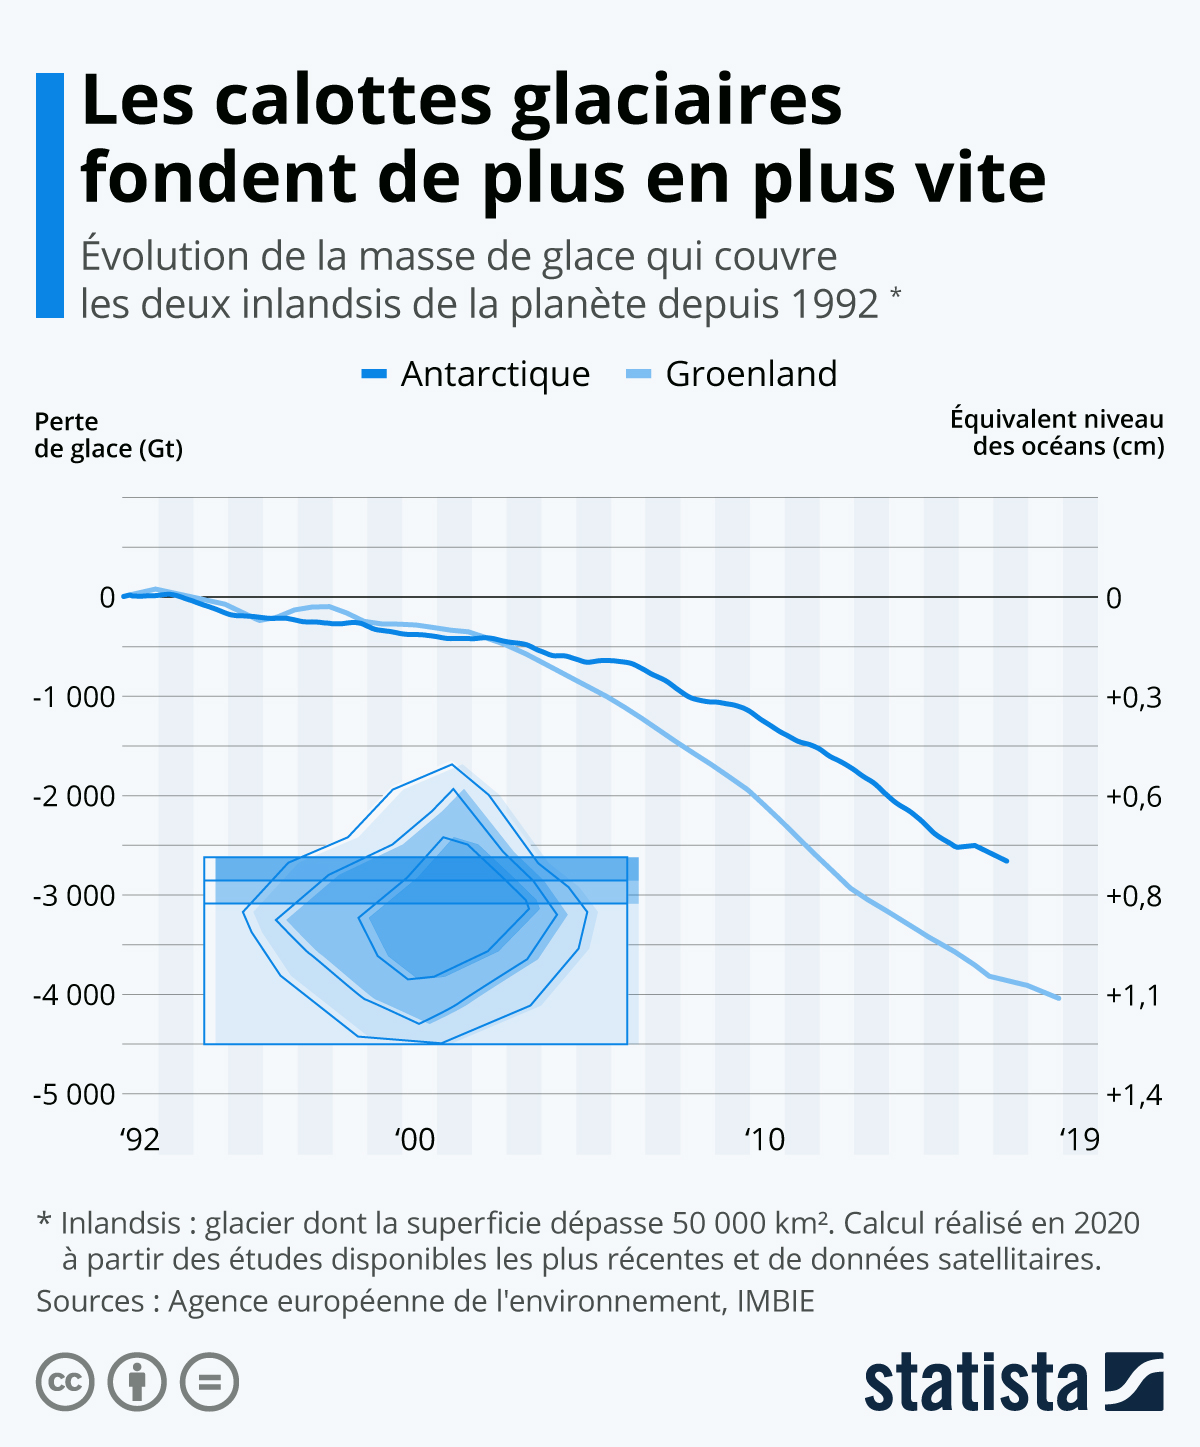 Infographie: Les calottes glaciaires fondent de plus en plus vite | Statista